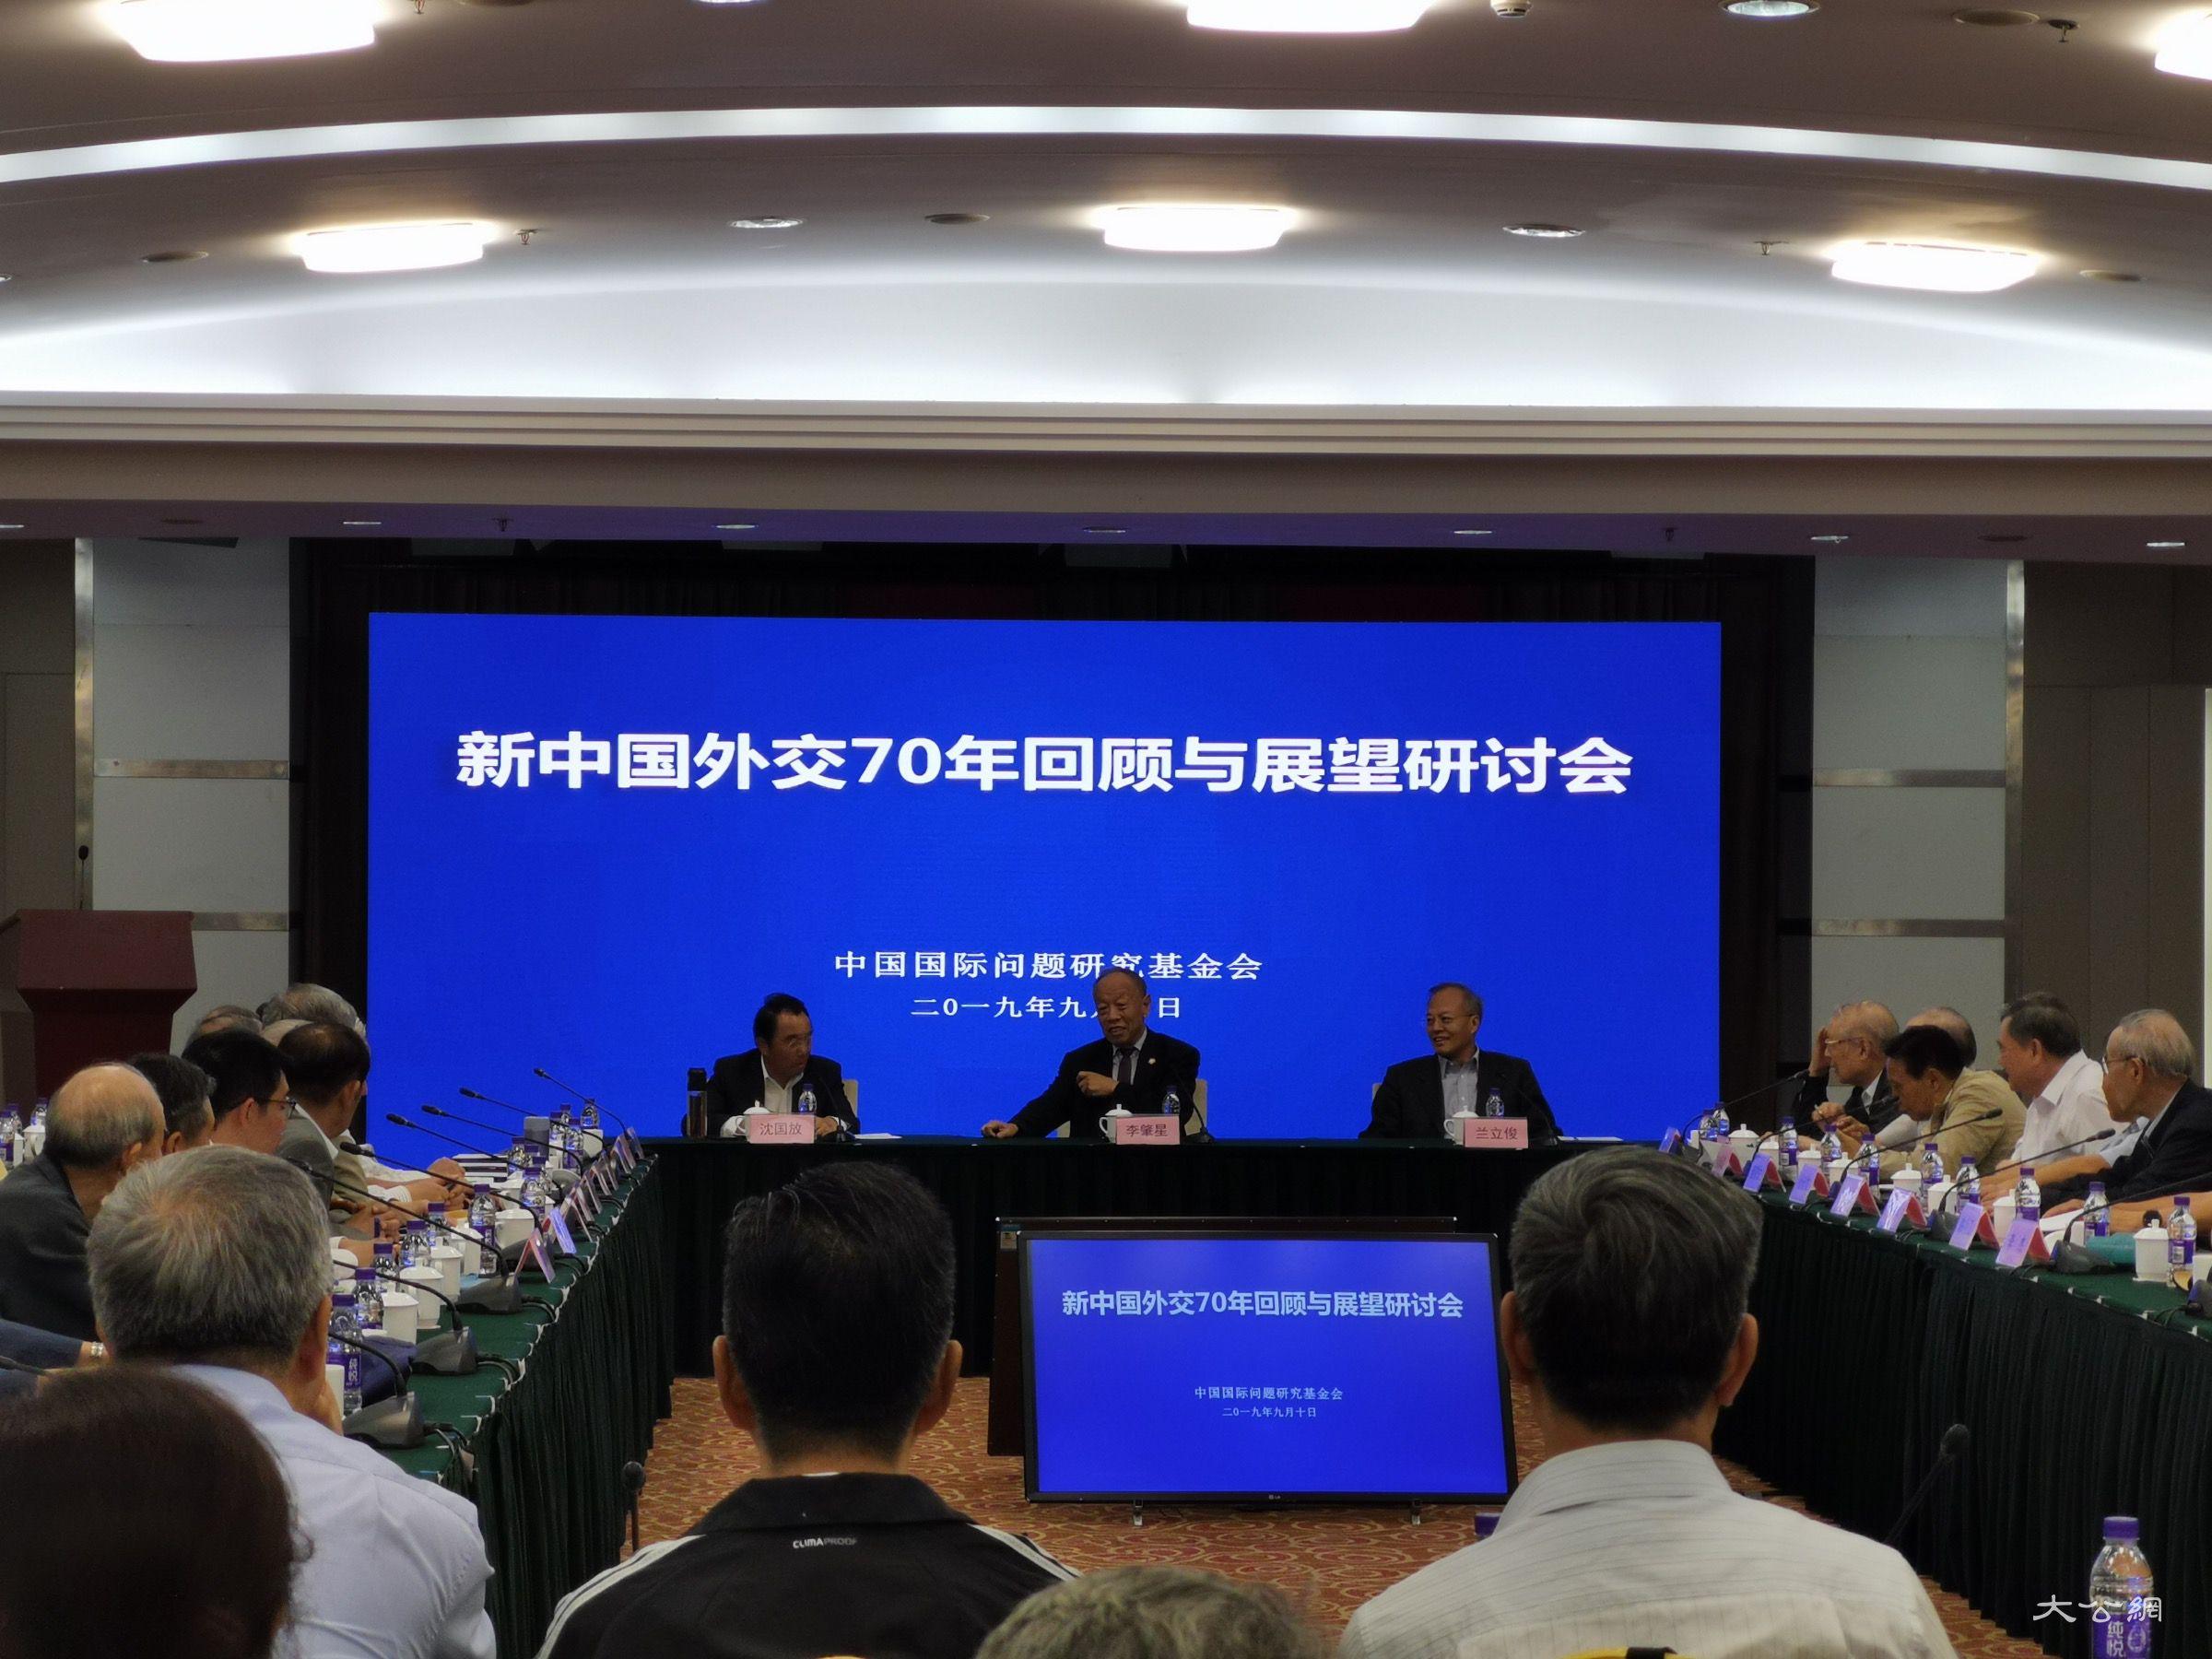 新中国外交七十年回顾与展望研讨会在京举行